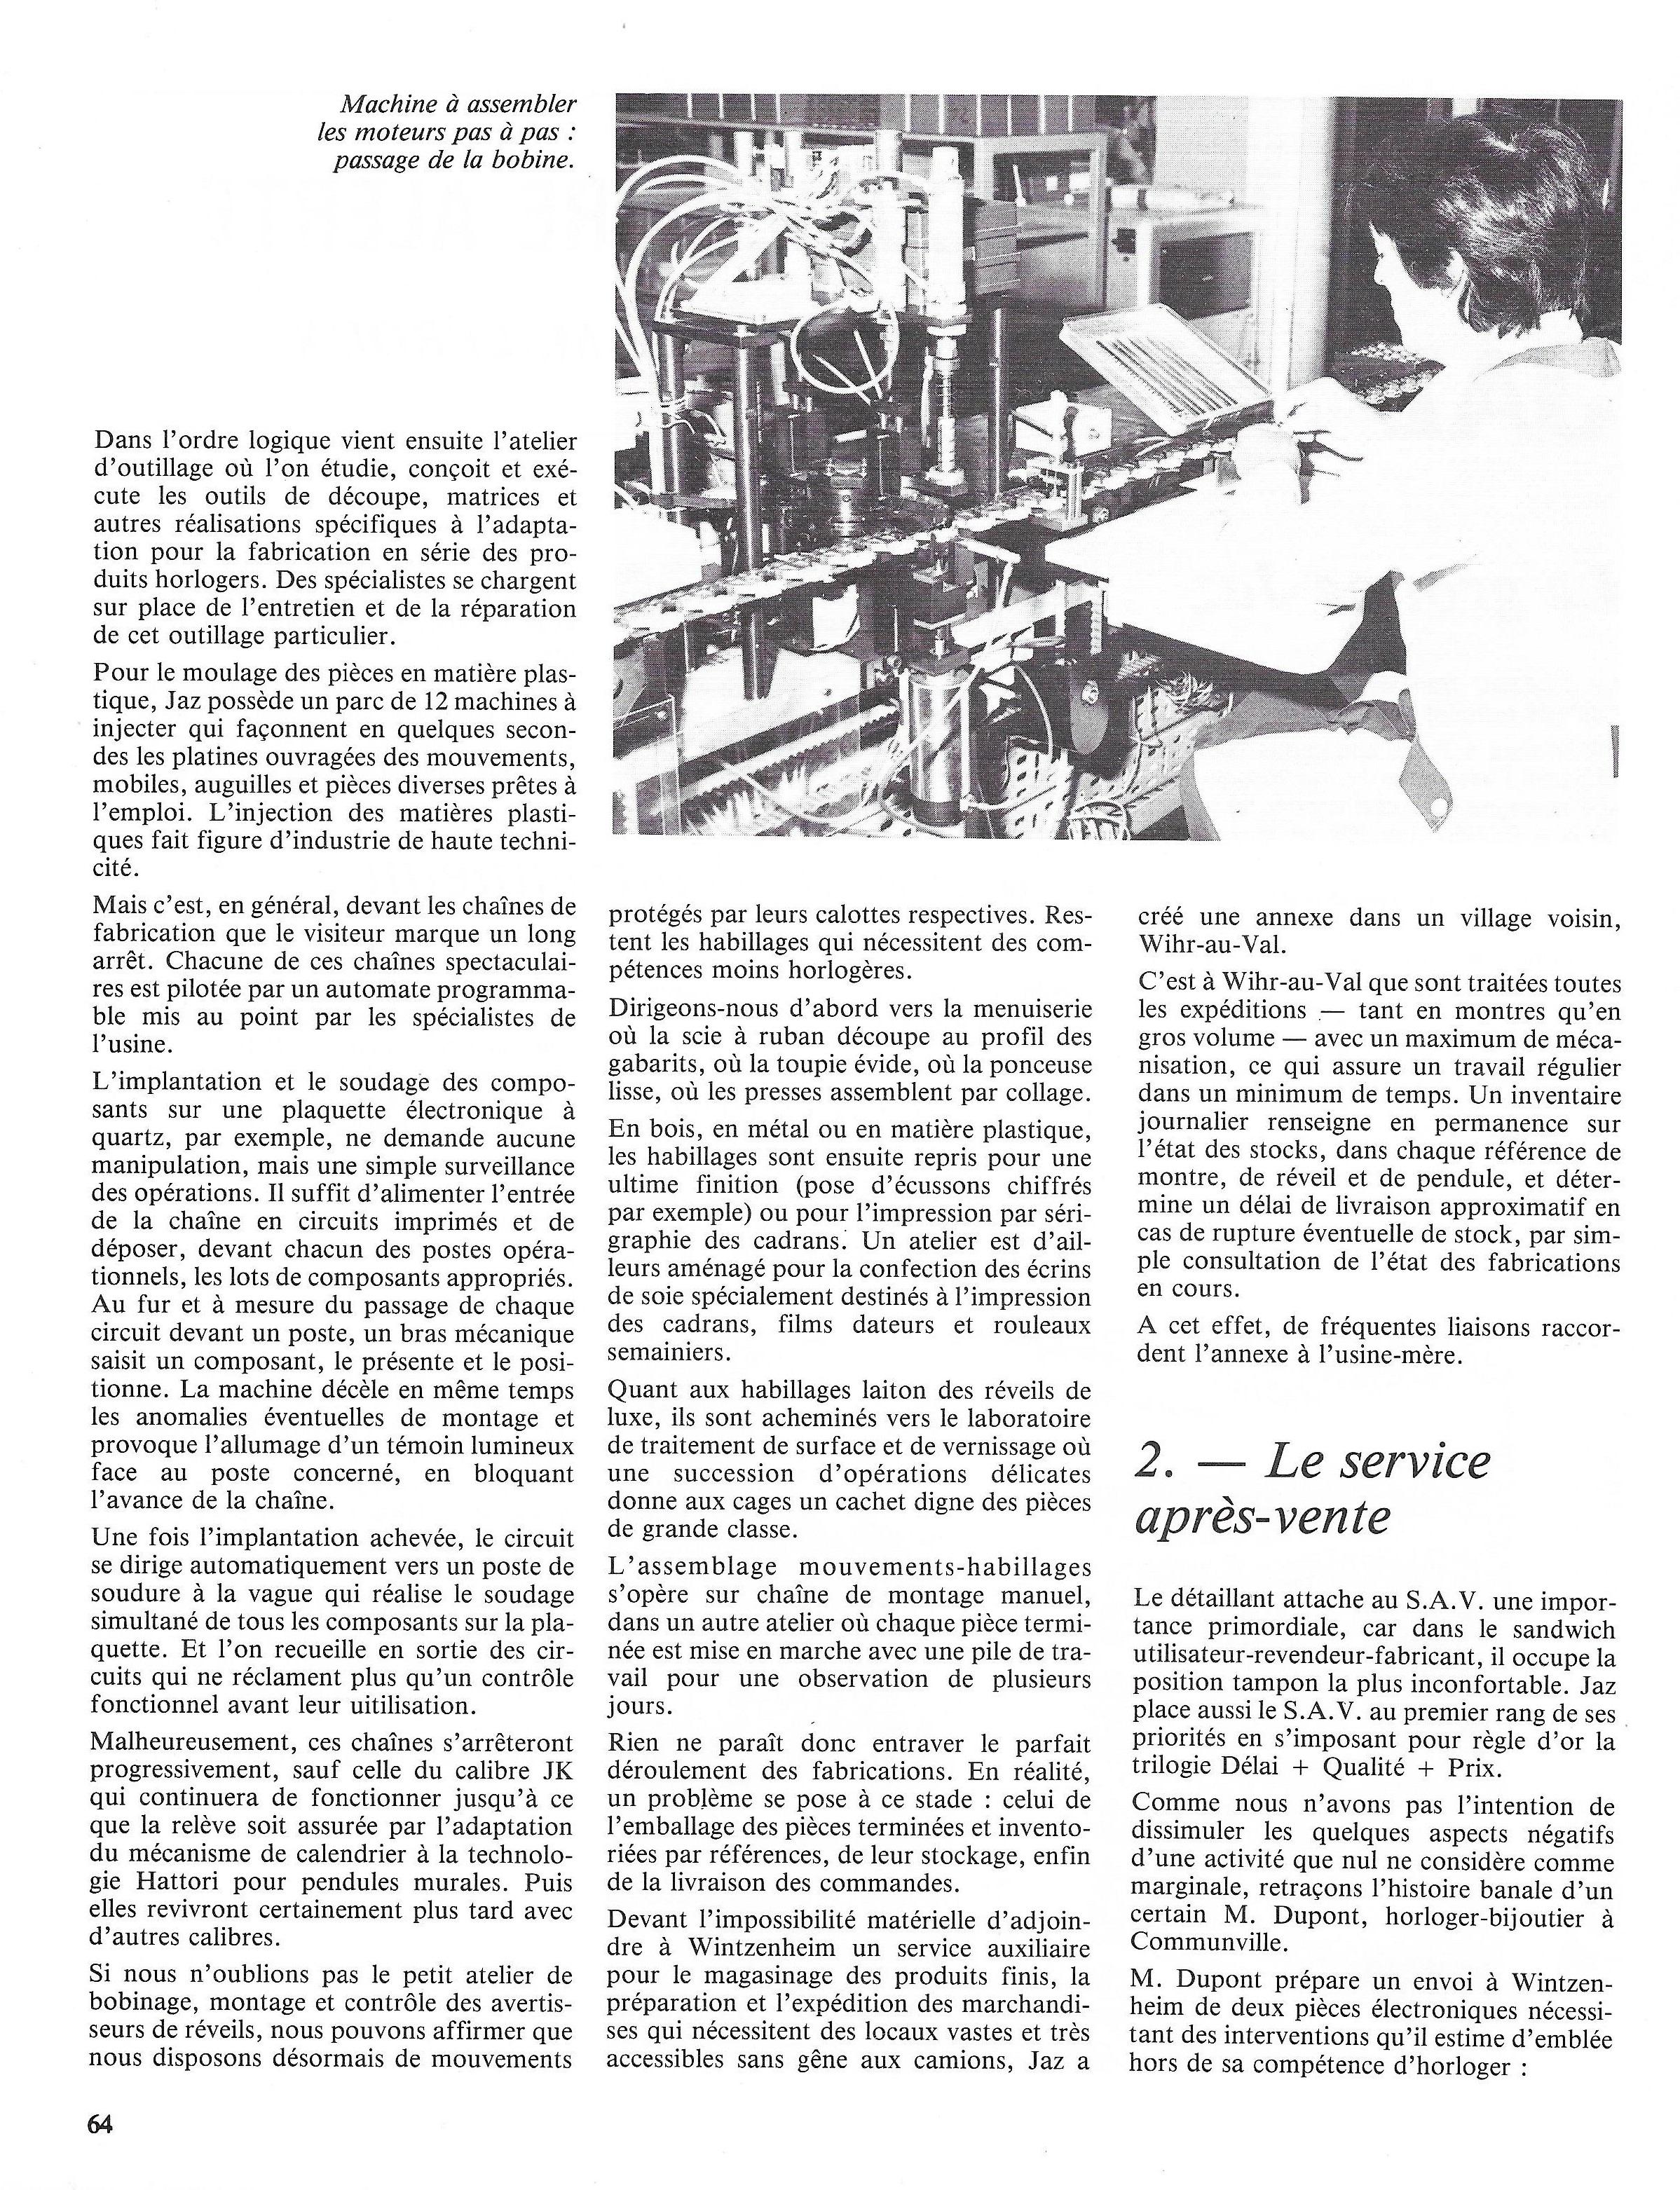 La France Horlogère n°429 Janv 1982 page 64